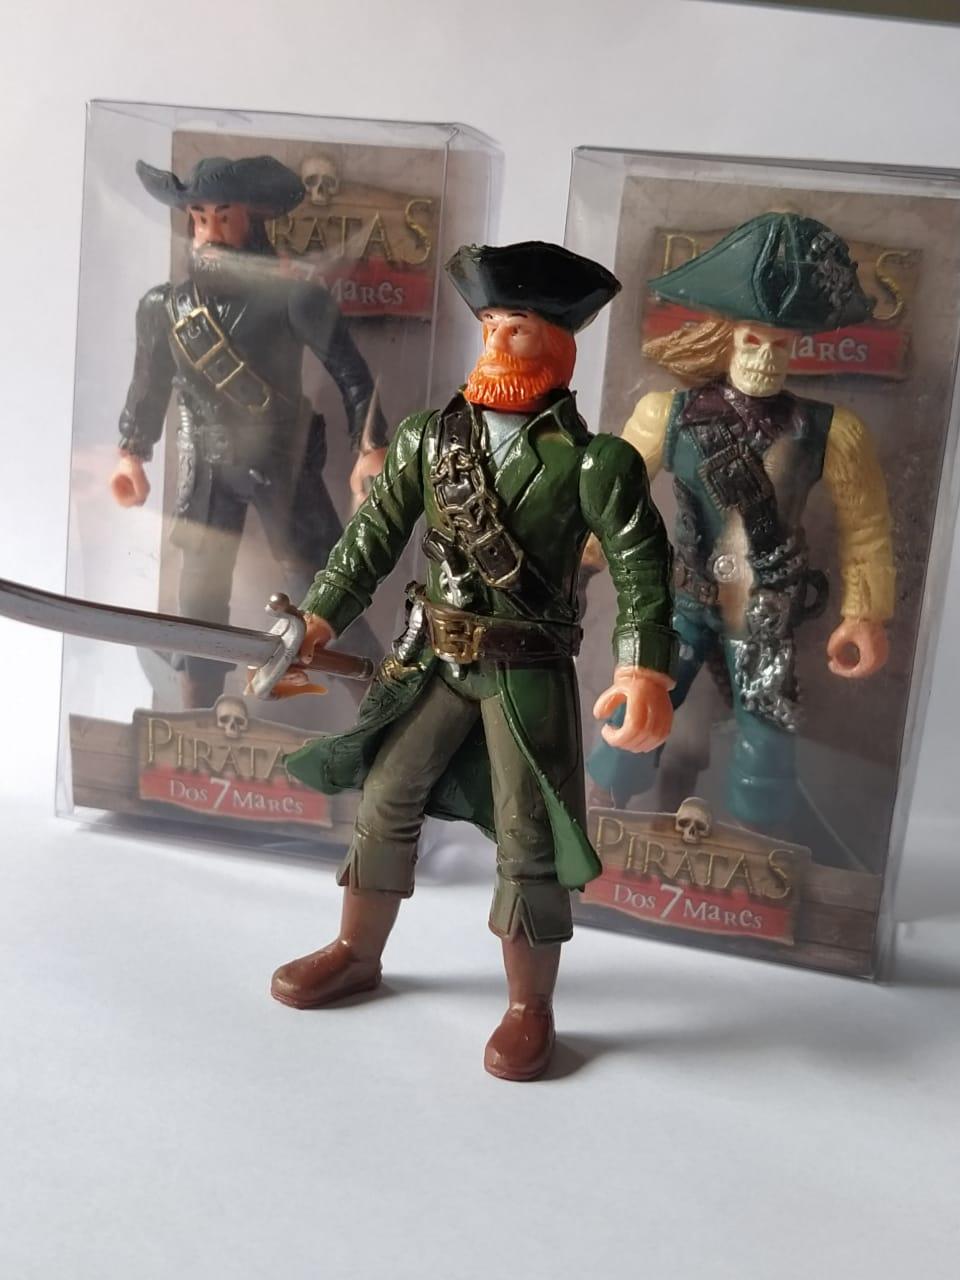 Boneco Piratas dos Sete Mares